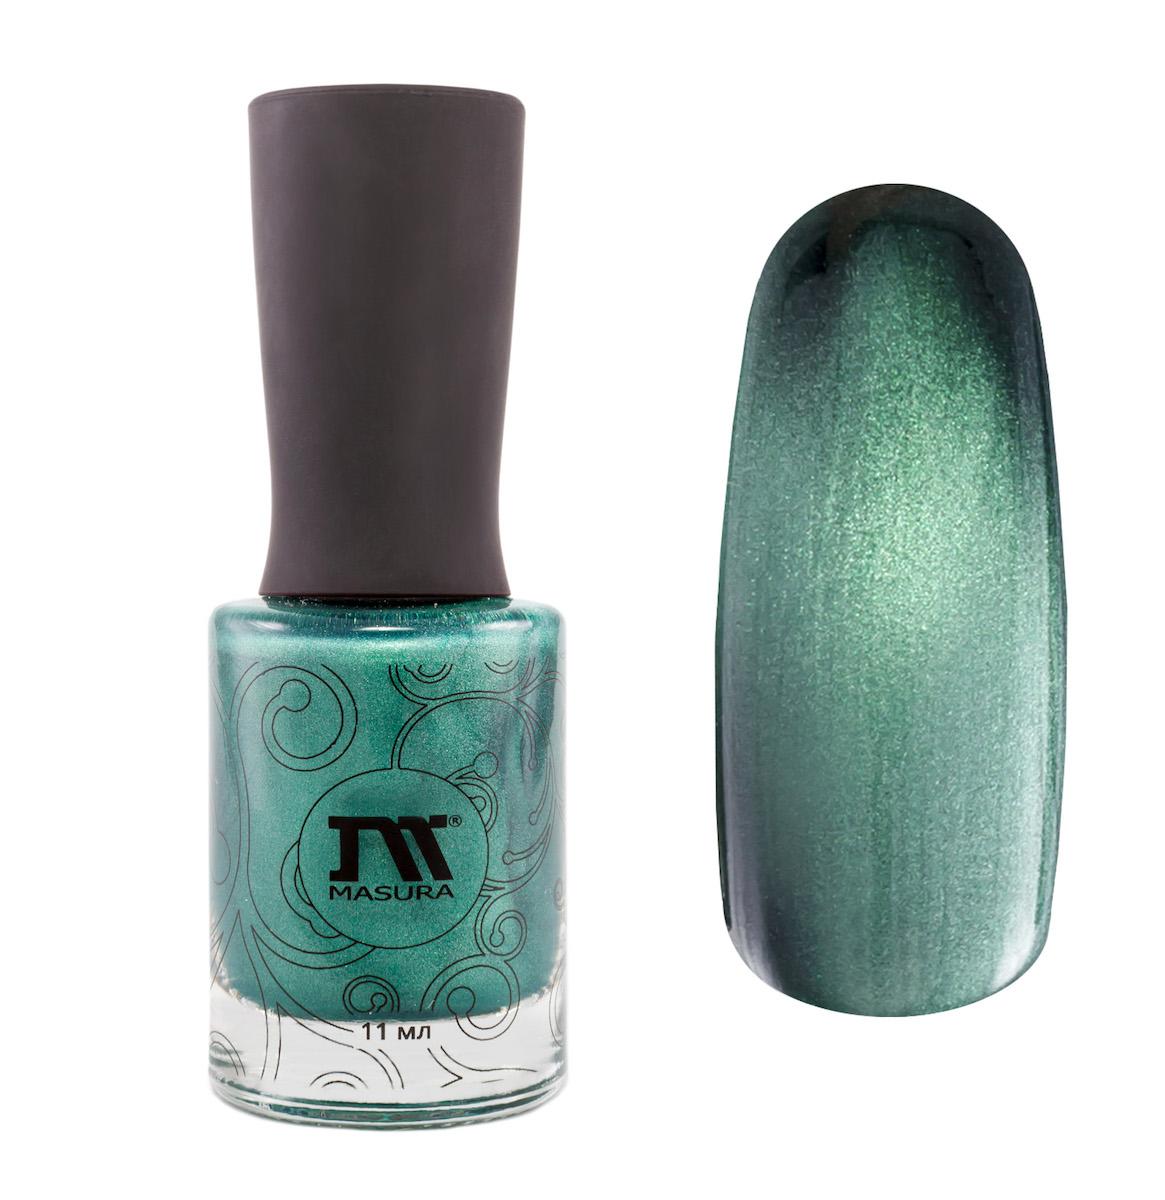 Masura Лак для ногтей Кошачий глаз, 11 мл904-109изумрудно-зеленый